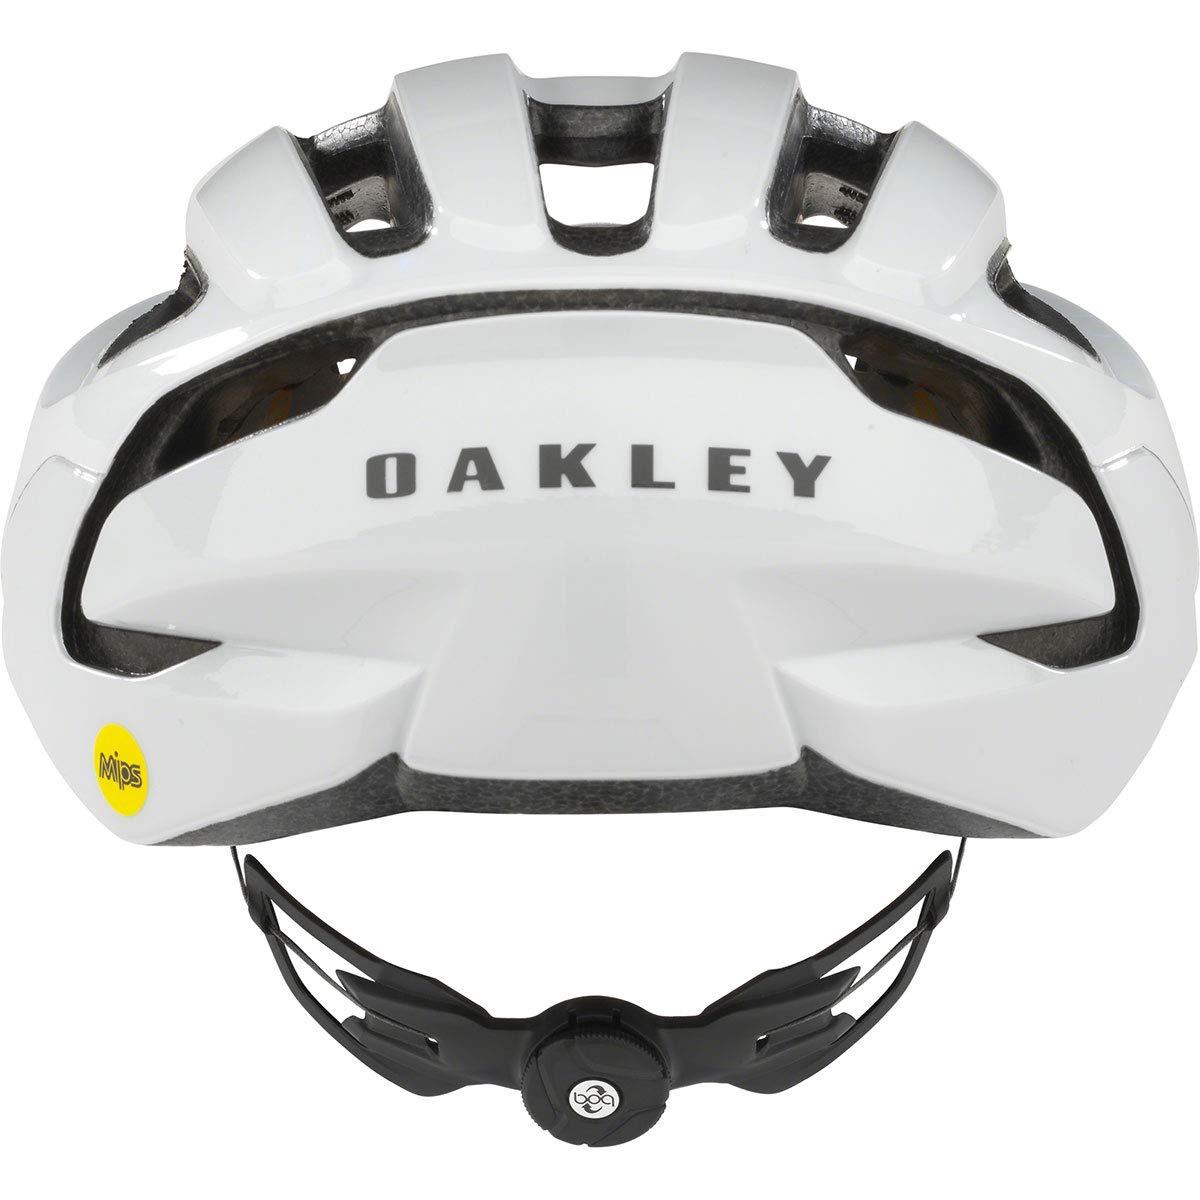 miniature 16 - Oakley ARO3 Cycling Helmet Bike Helmet 99470 - Pick Color & Size